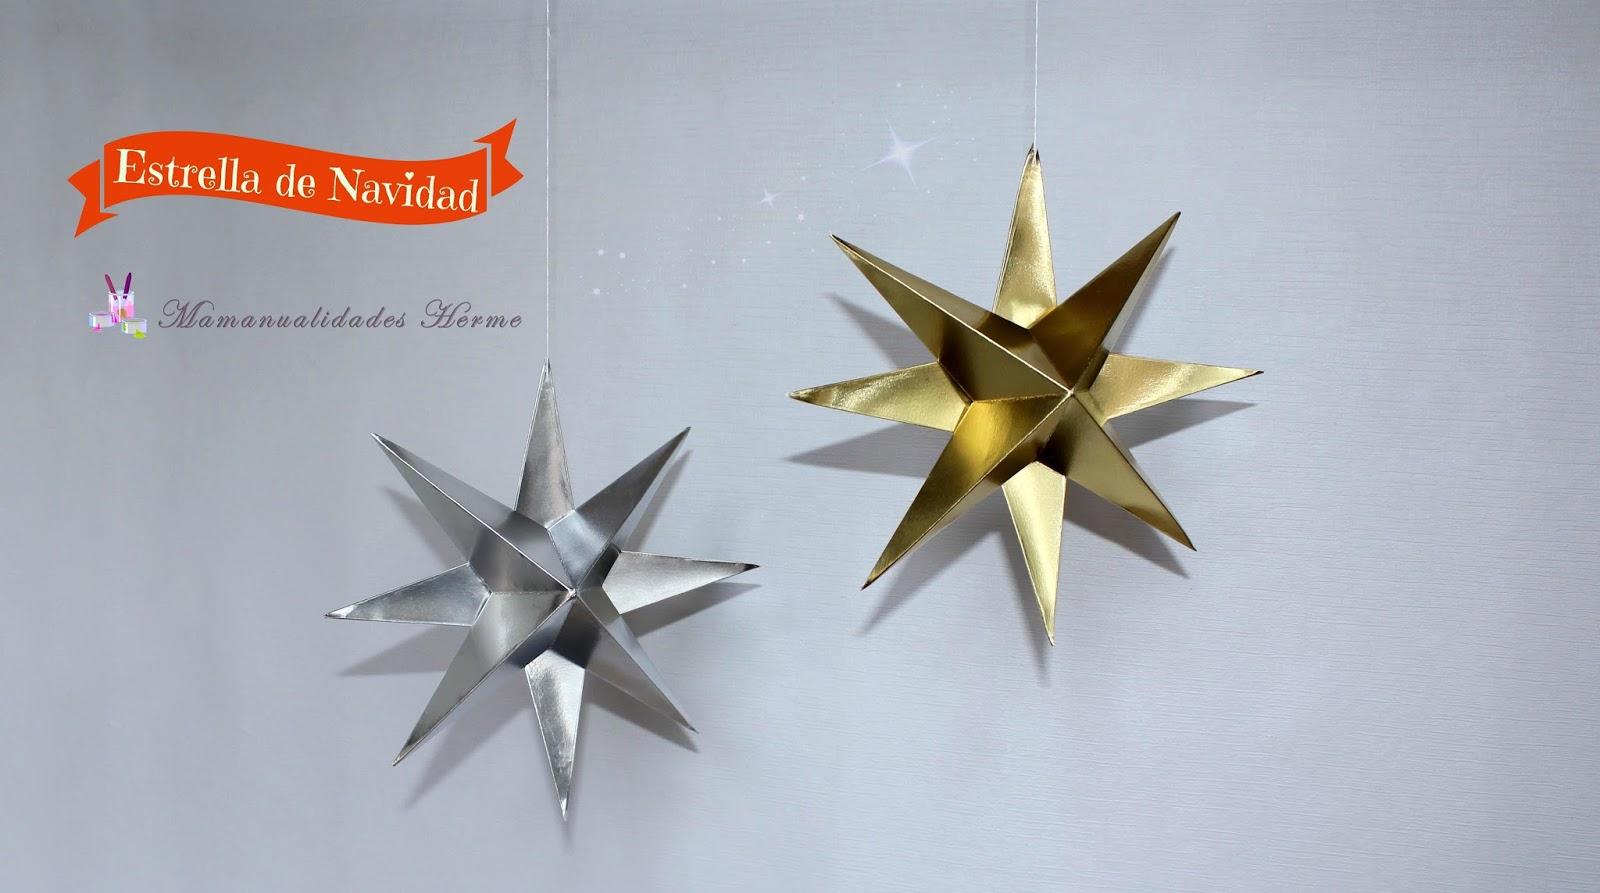 Manualidades herme estrella de navidad en 3d - Decorar estrella navidad ...